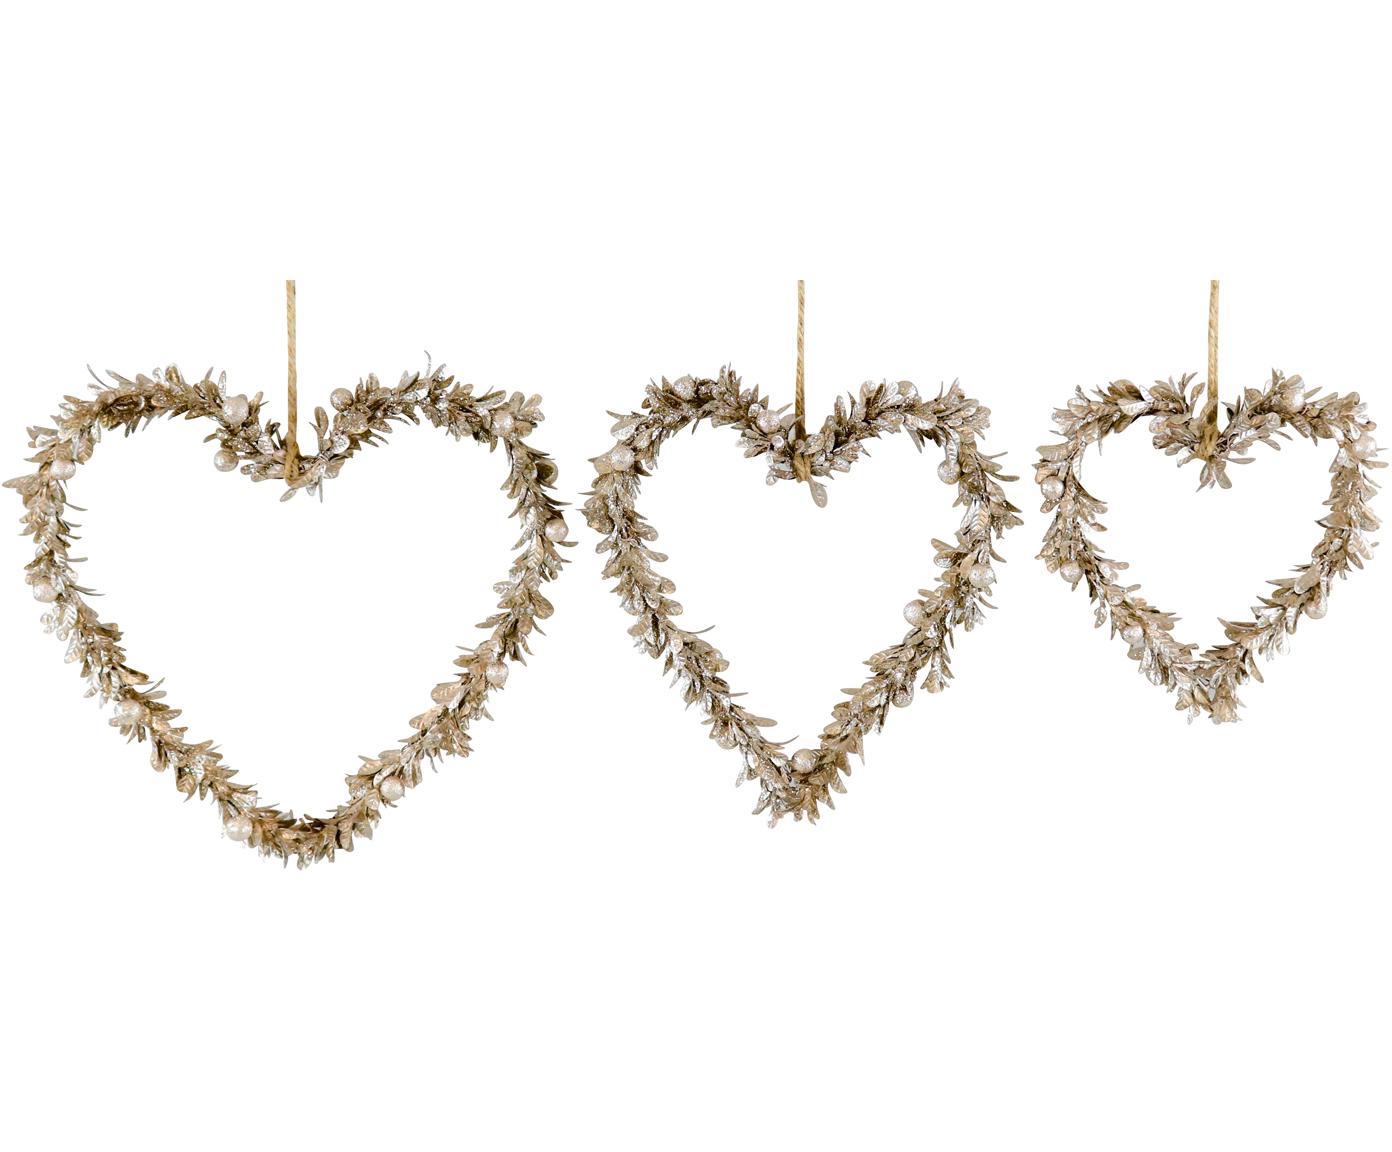 Komplet dekoracji wiszących Lovely, 3 elem., Styropian, tworzywo sztuczne, metal, drewno naturalne, Odcienie złotego, Komplet z różnymi rozmiarami